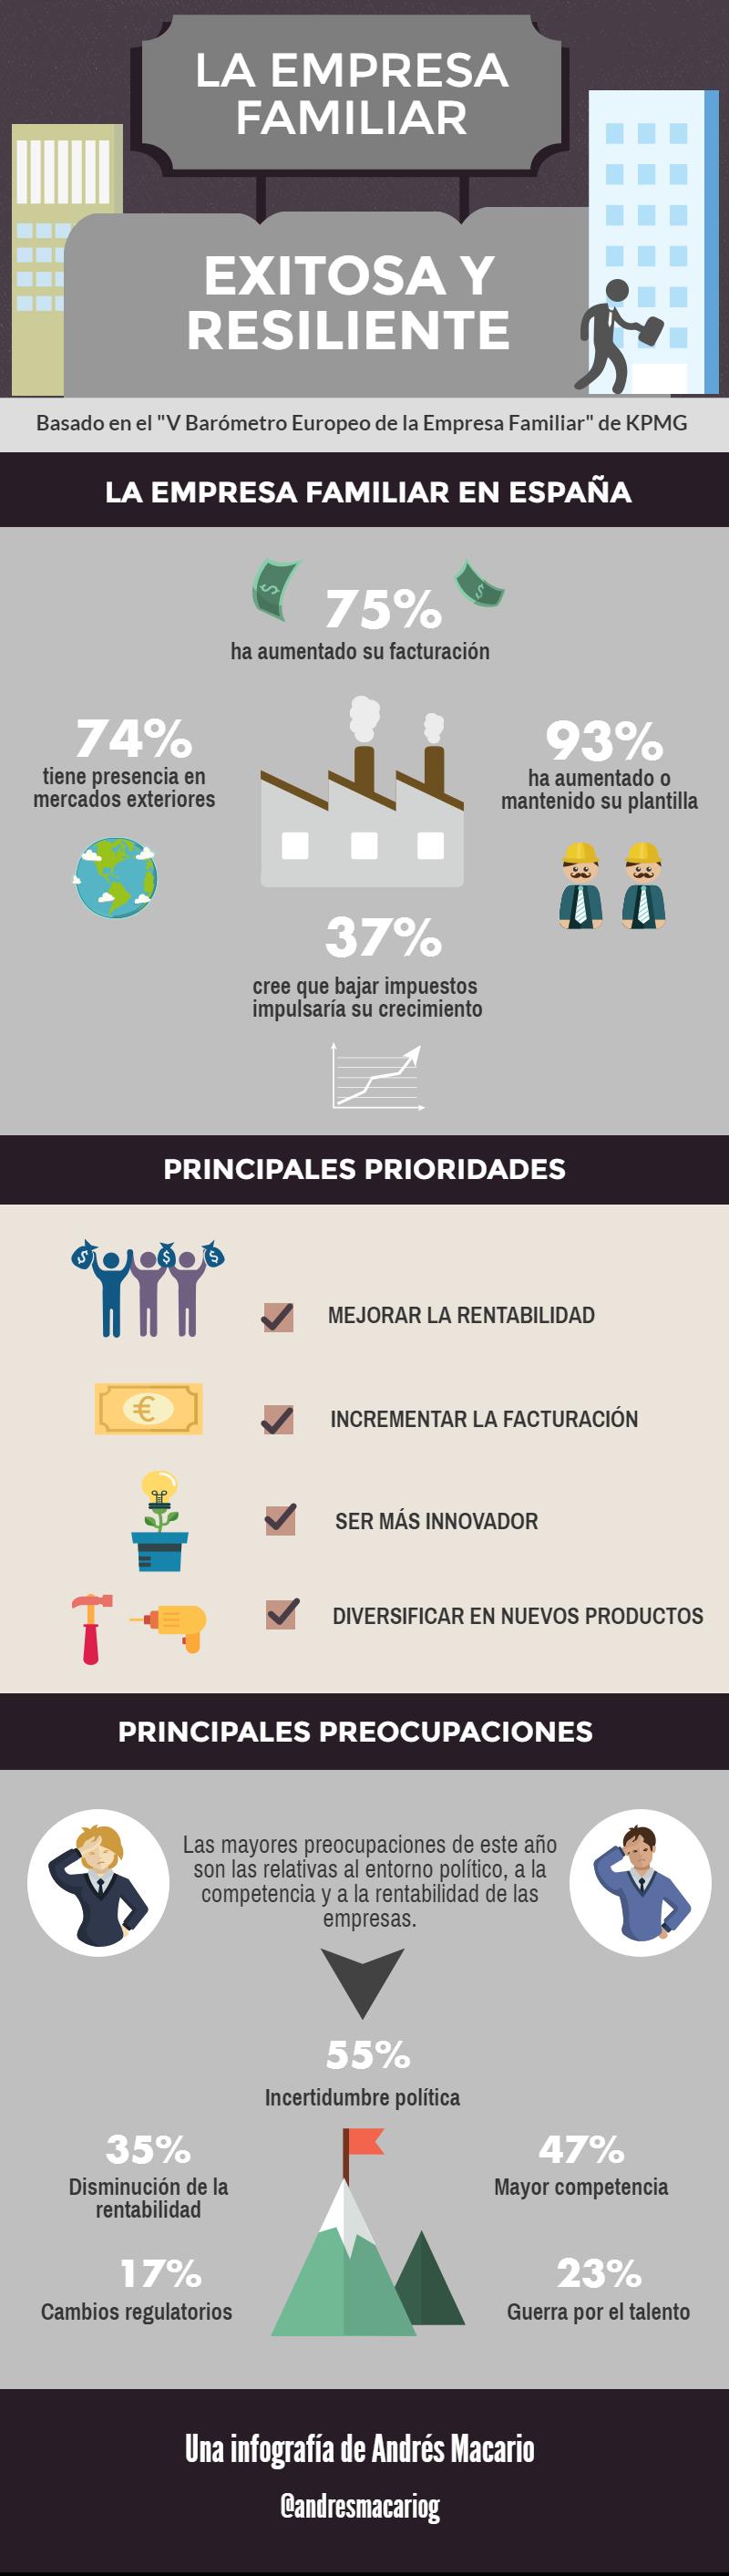 La empresa familiar exitosa y resiliente - infografia-andres-macario